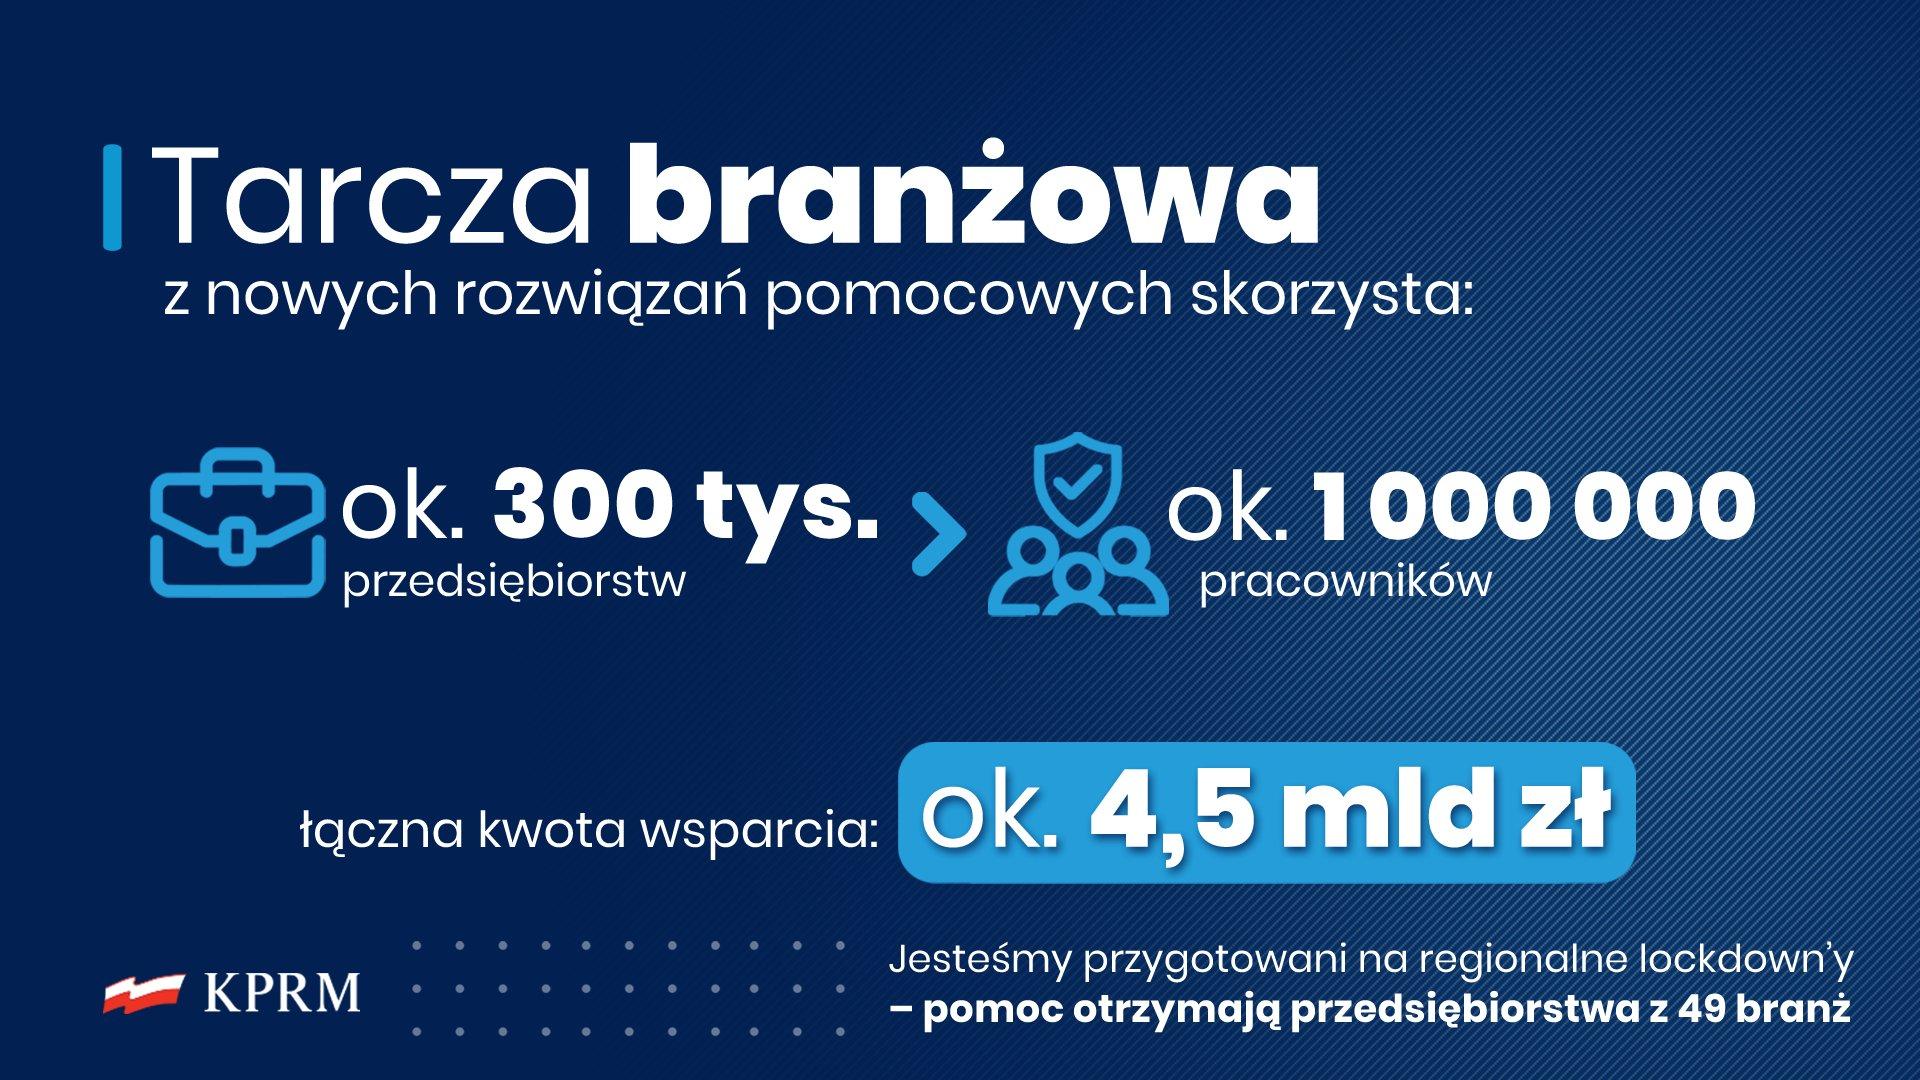 Rządowe wsparcie dla polskiej gospodarki